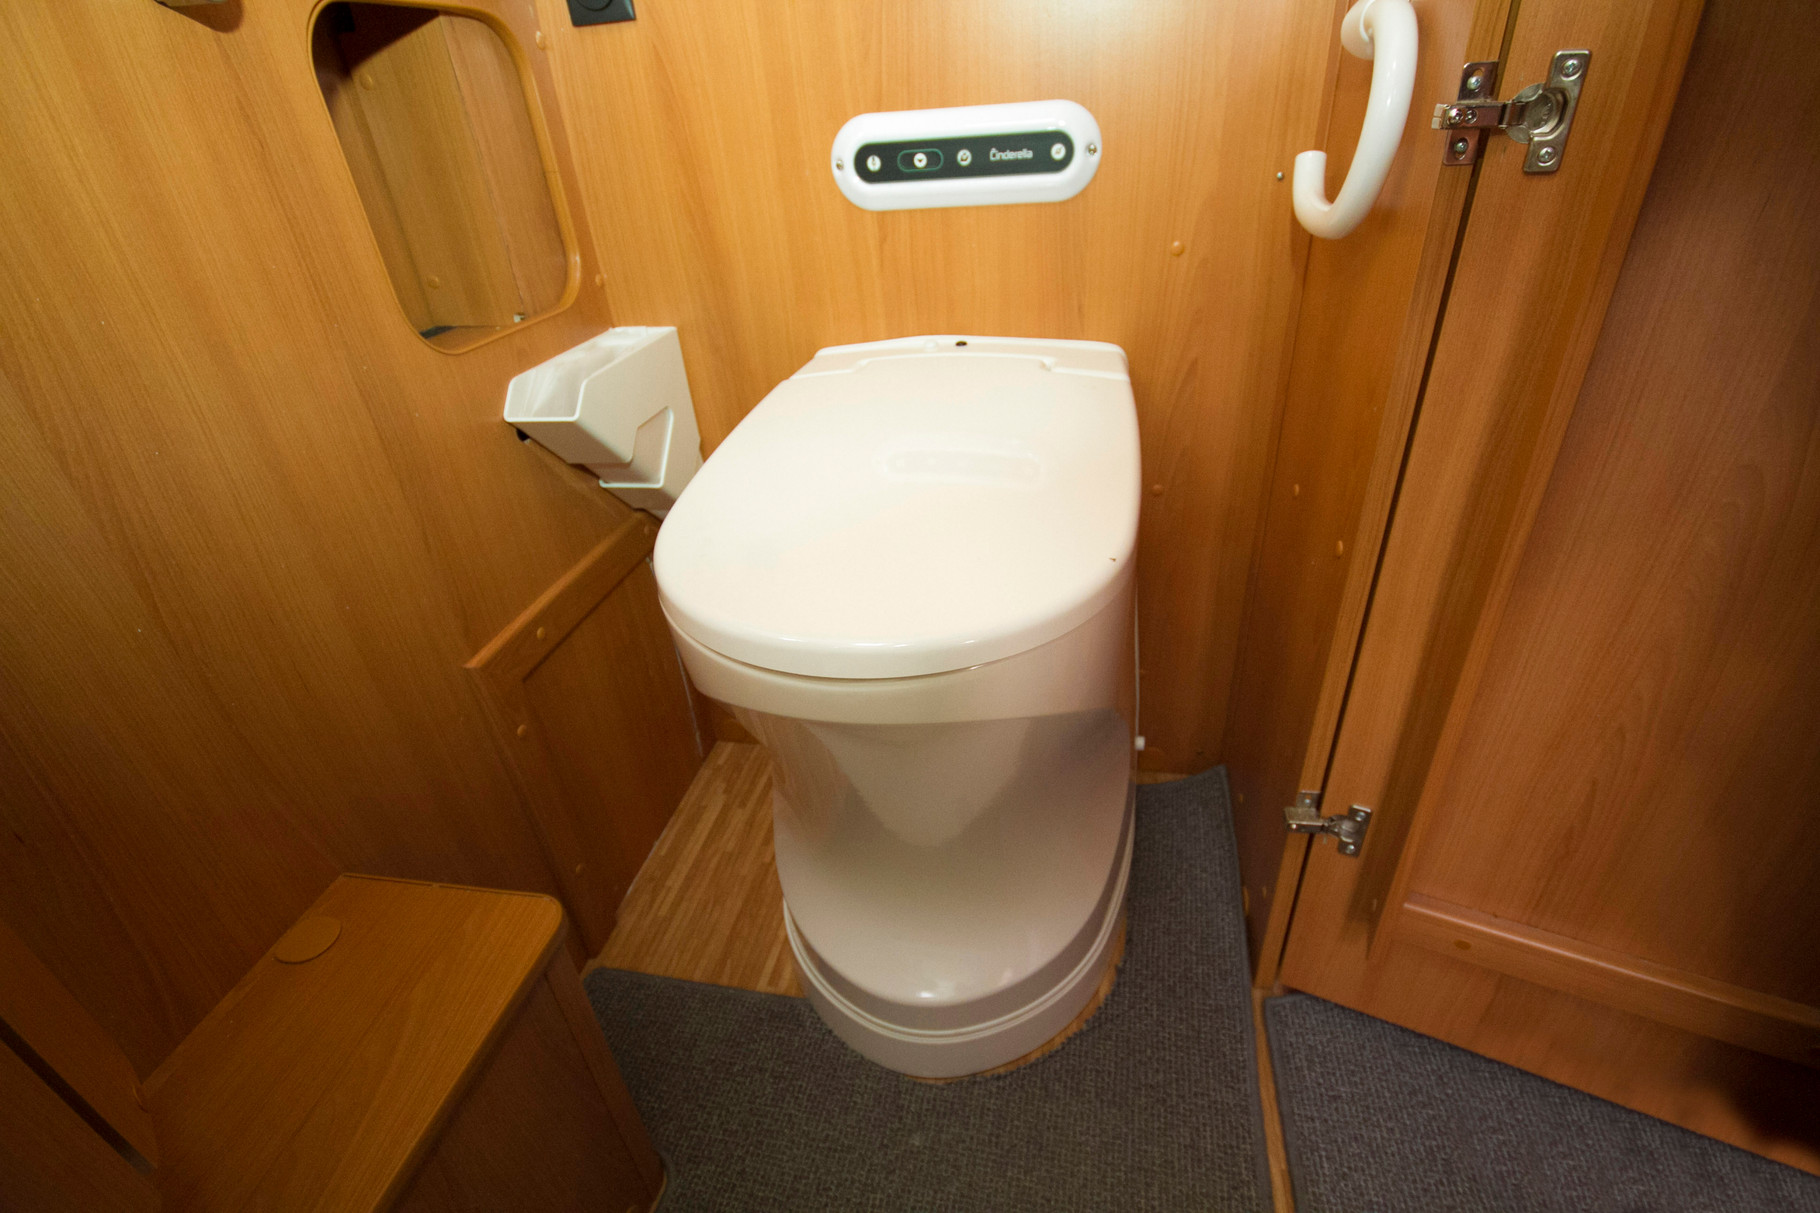 verbrennungstoilette - verbrennungstoilettes webseite!